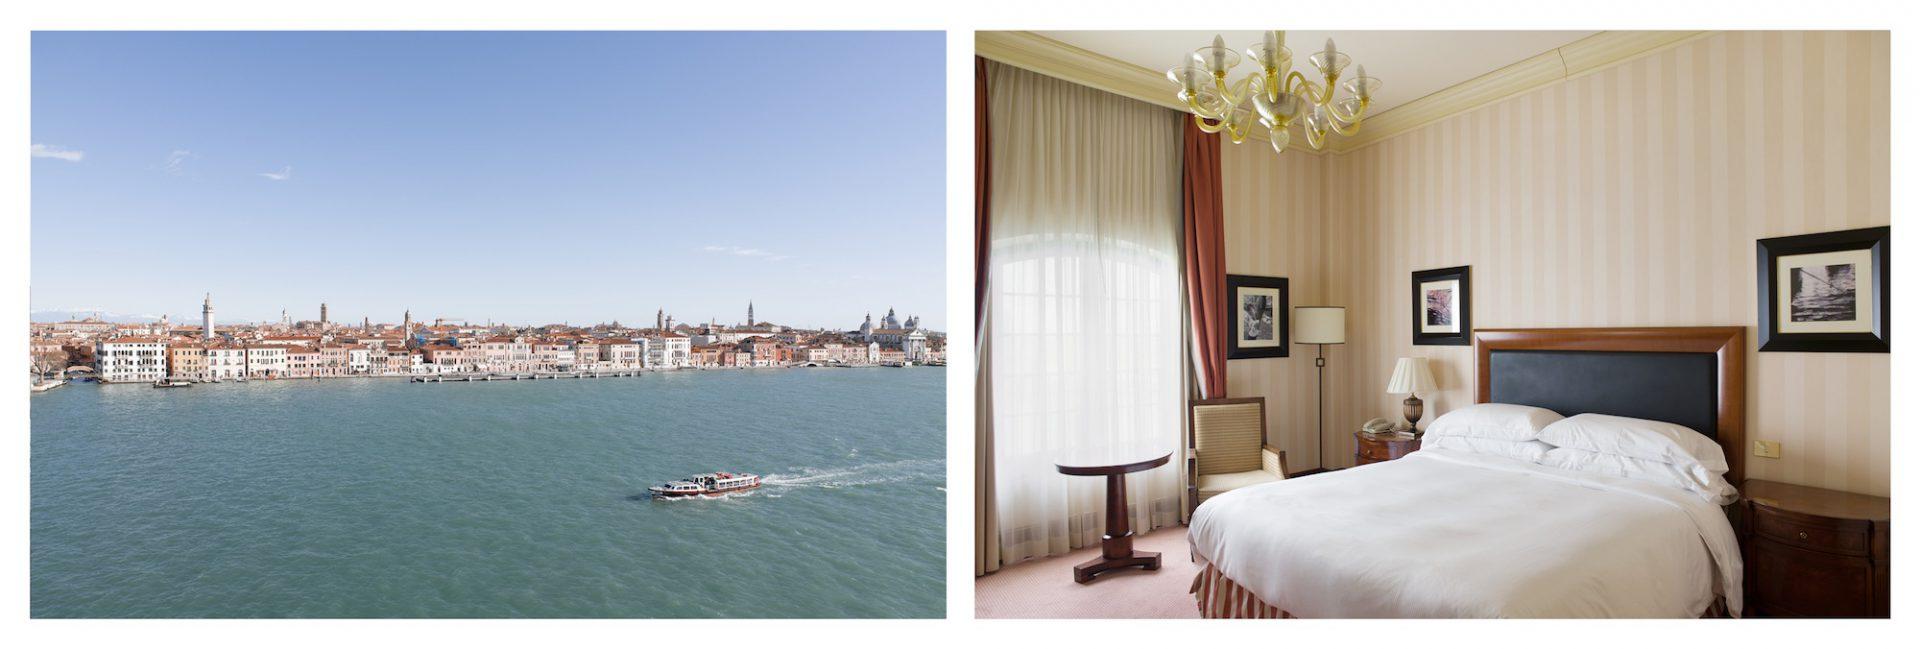 Seite 68–69. 22.02.2016, Venice, Room 606